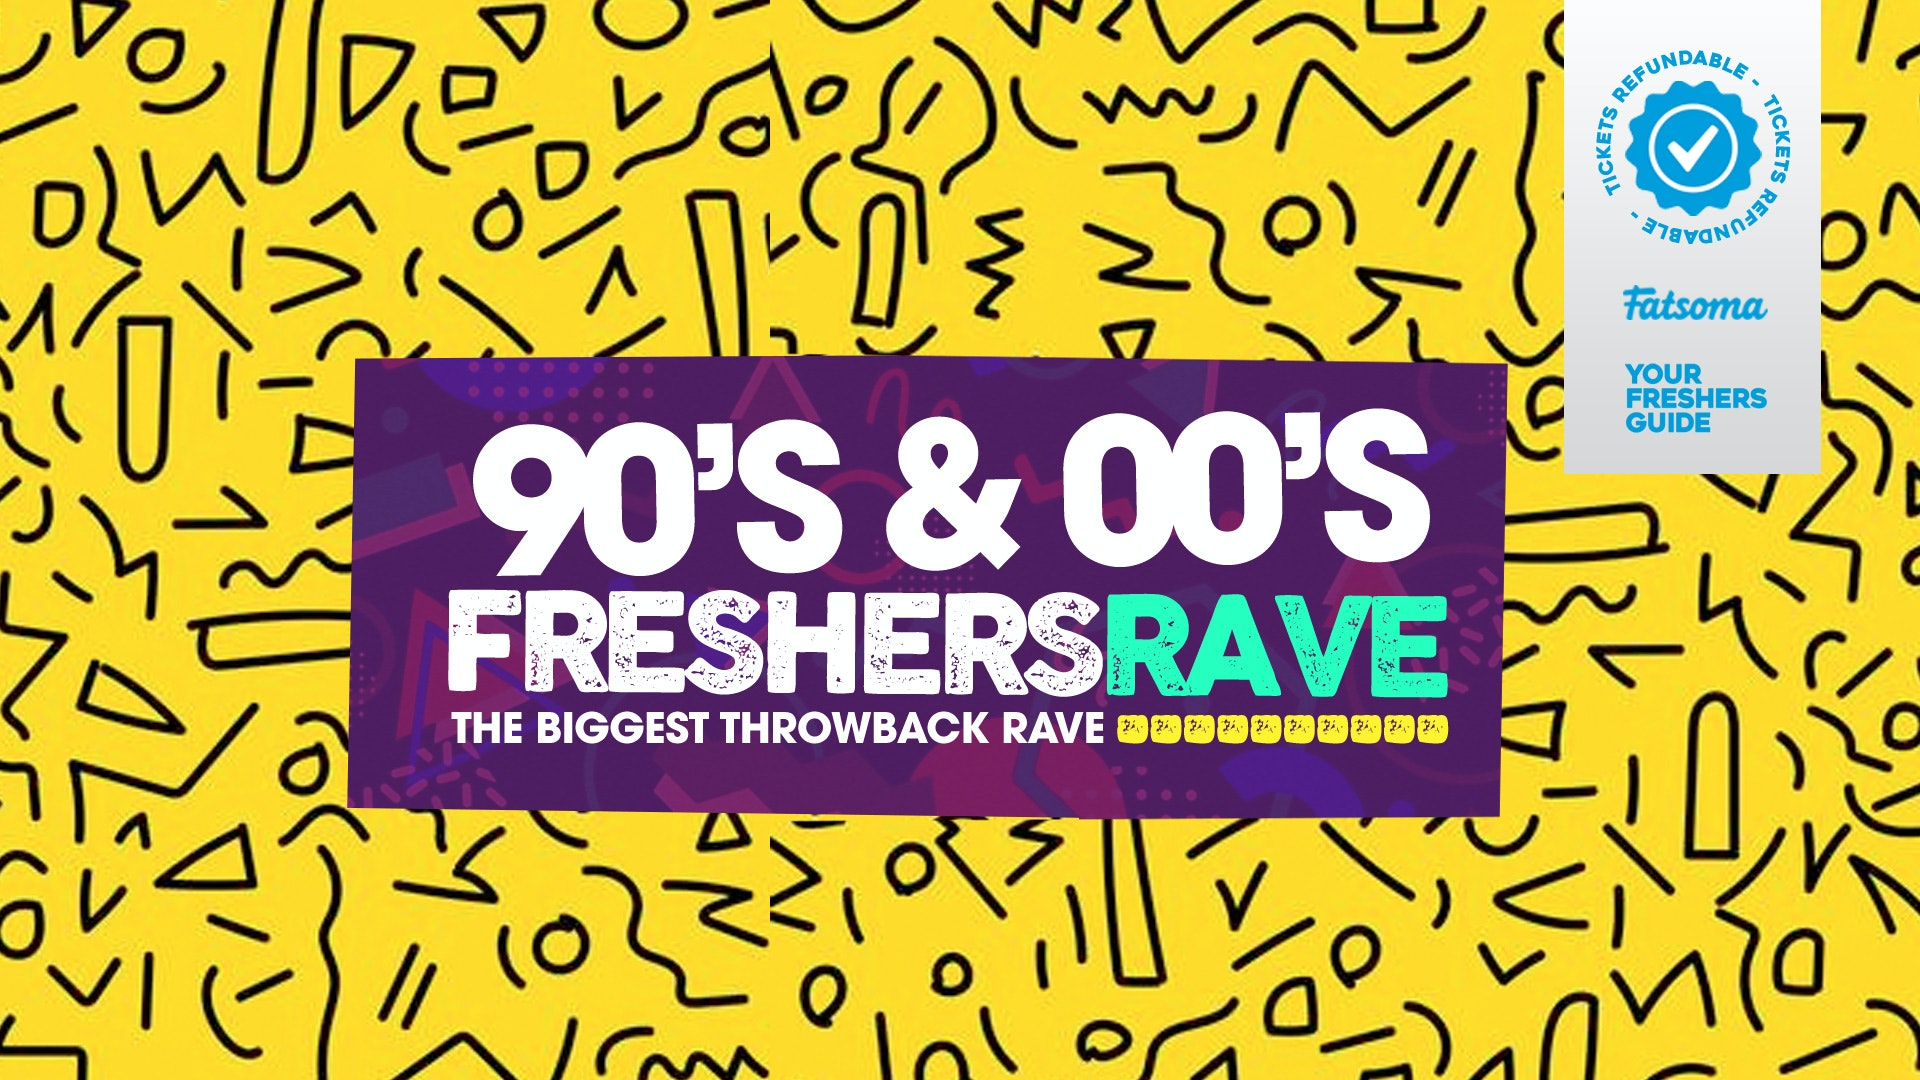 90s & 00s Rave // Birmingham Freshers 2020